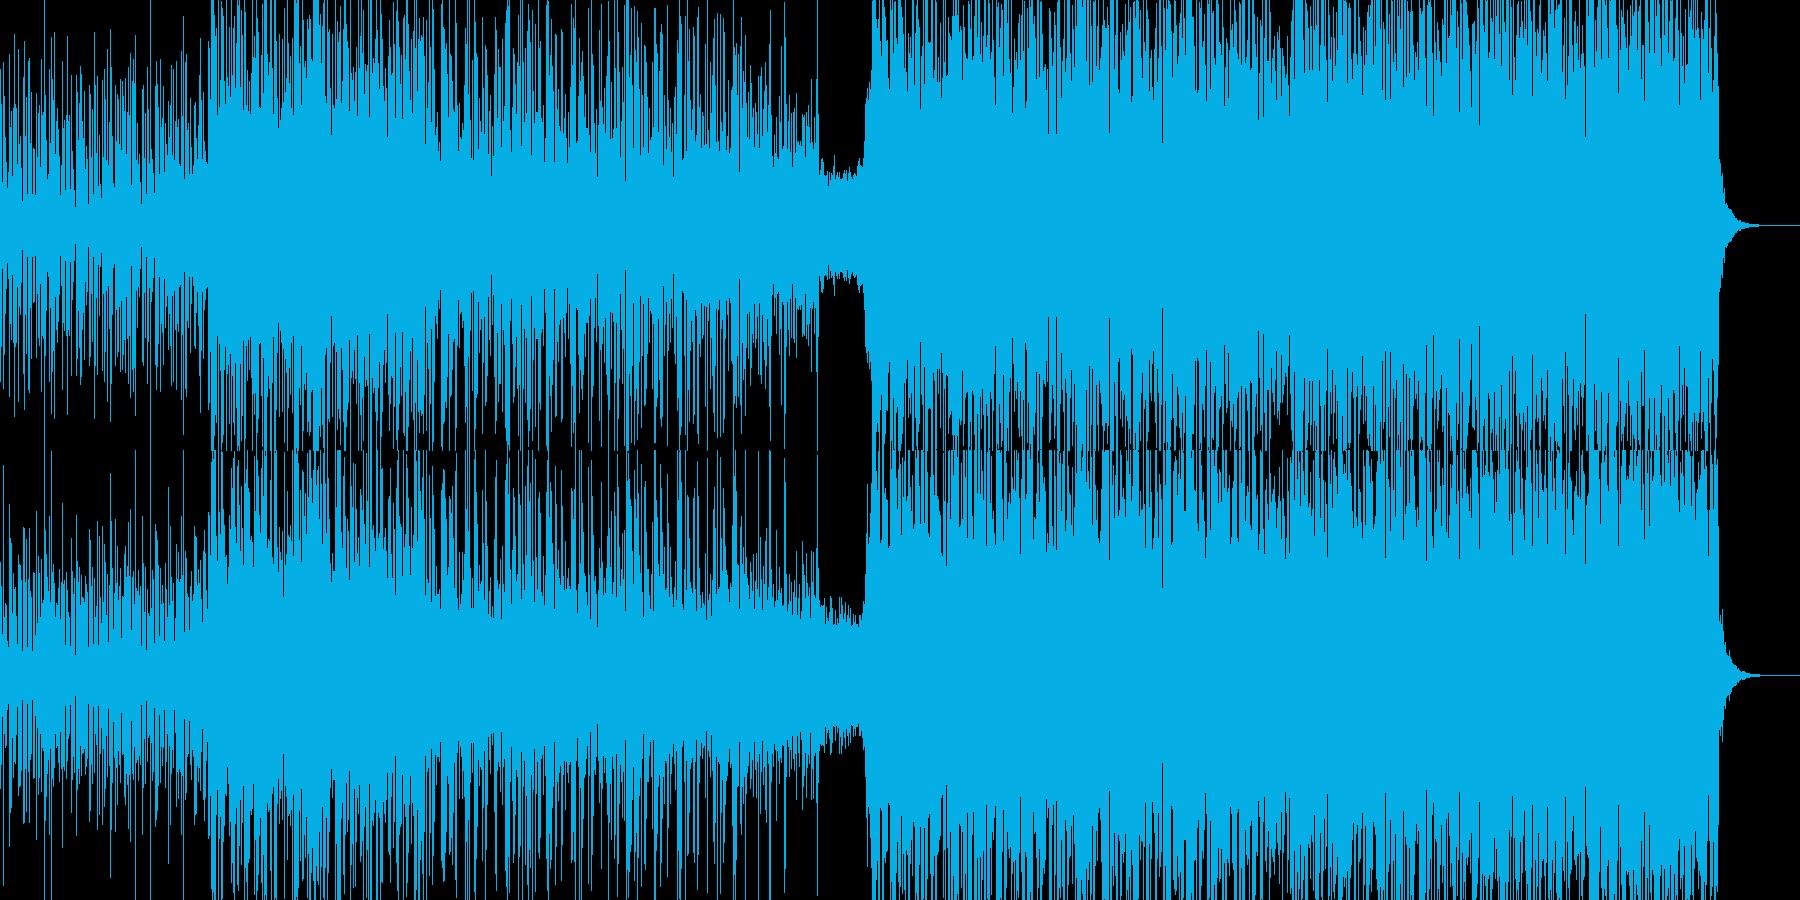 作戦会議の様な雰囲気のあるデジタル曲の再生済みの波形